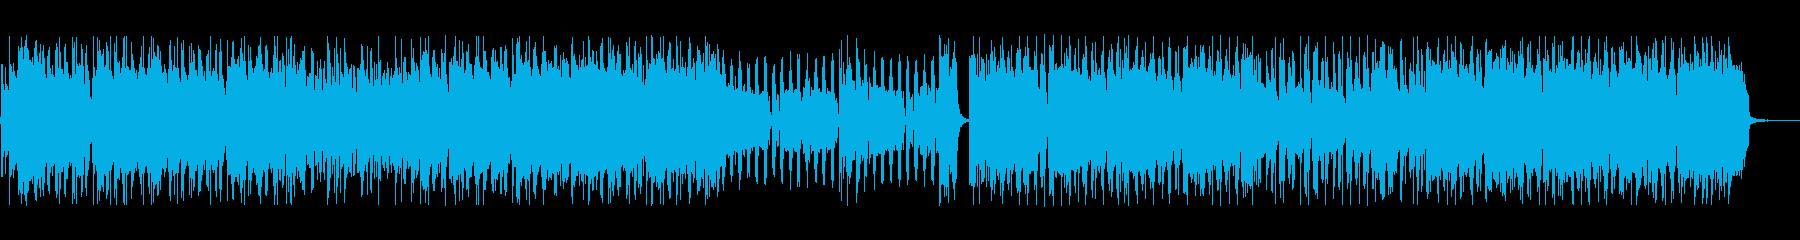 【音圧低】疾走感のあるパンクの再生済みの波形